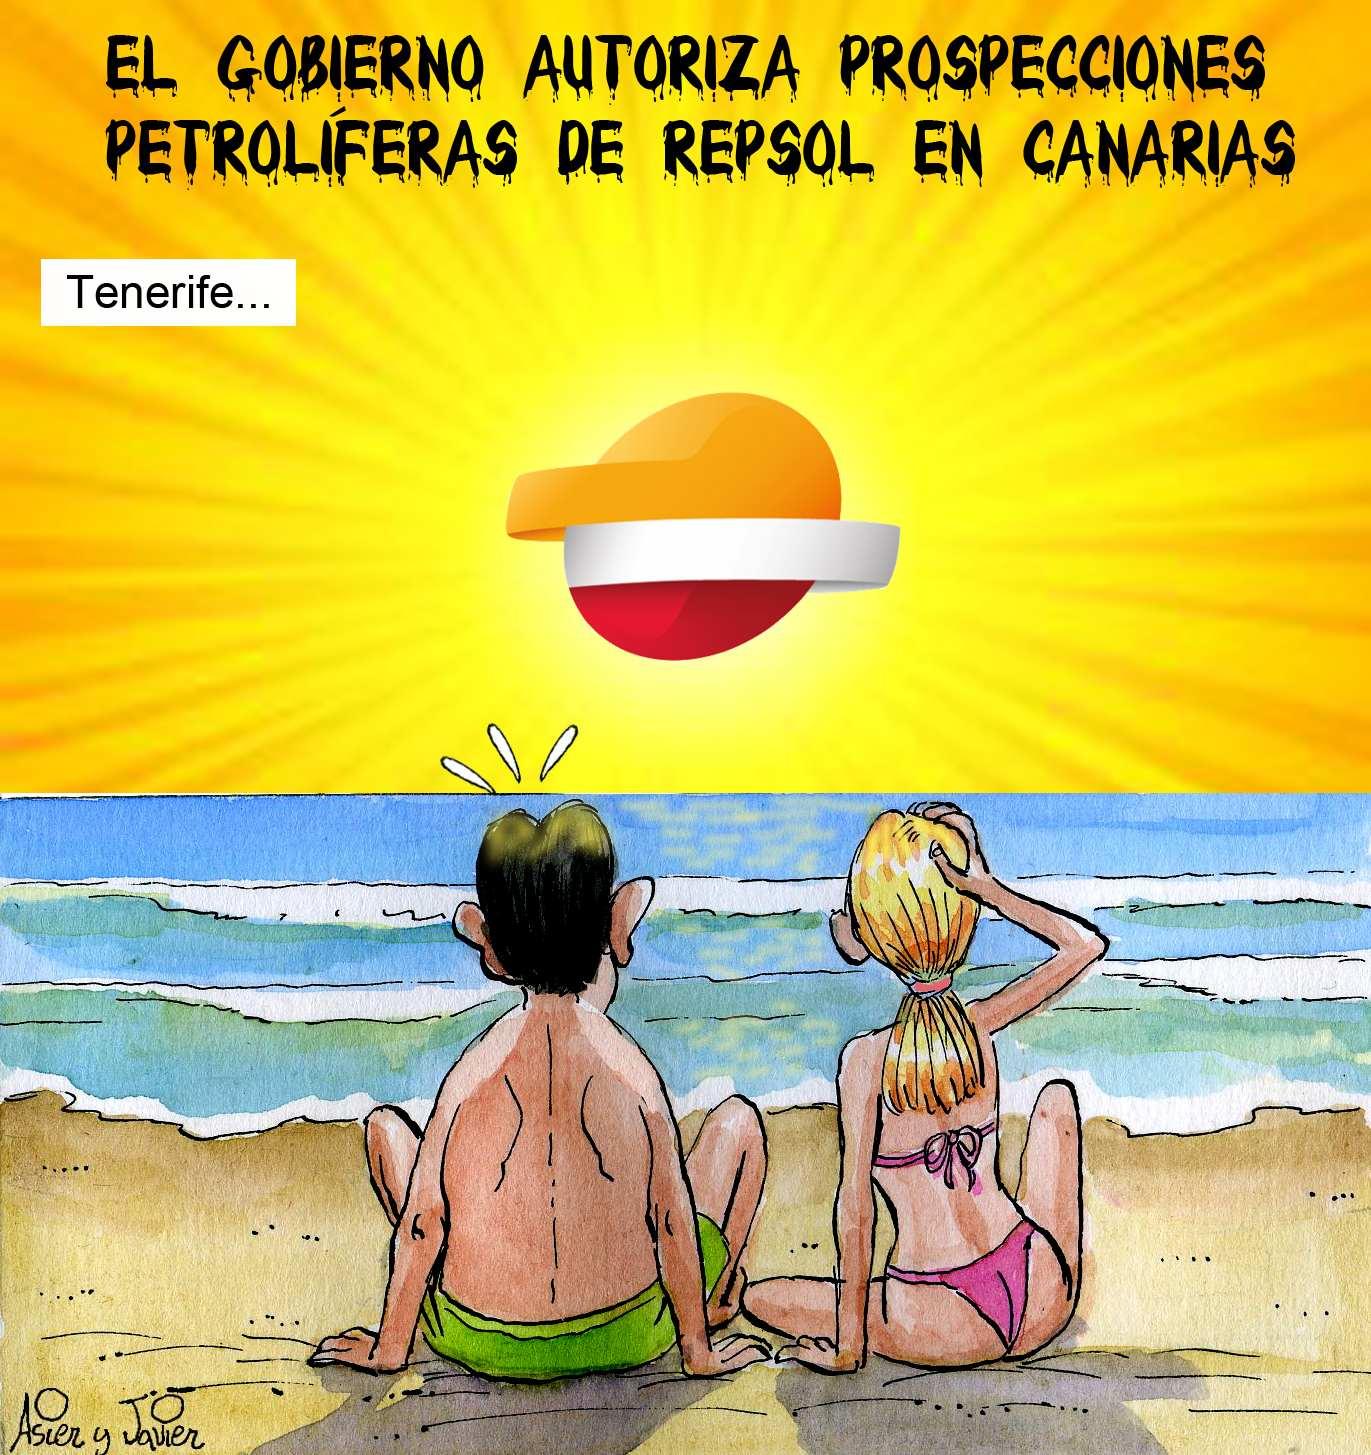 Habrá prospecciones petrolíferas de Repsol en aguas de las Canarias. Viñeta en la revista El Jueves.